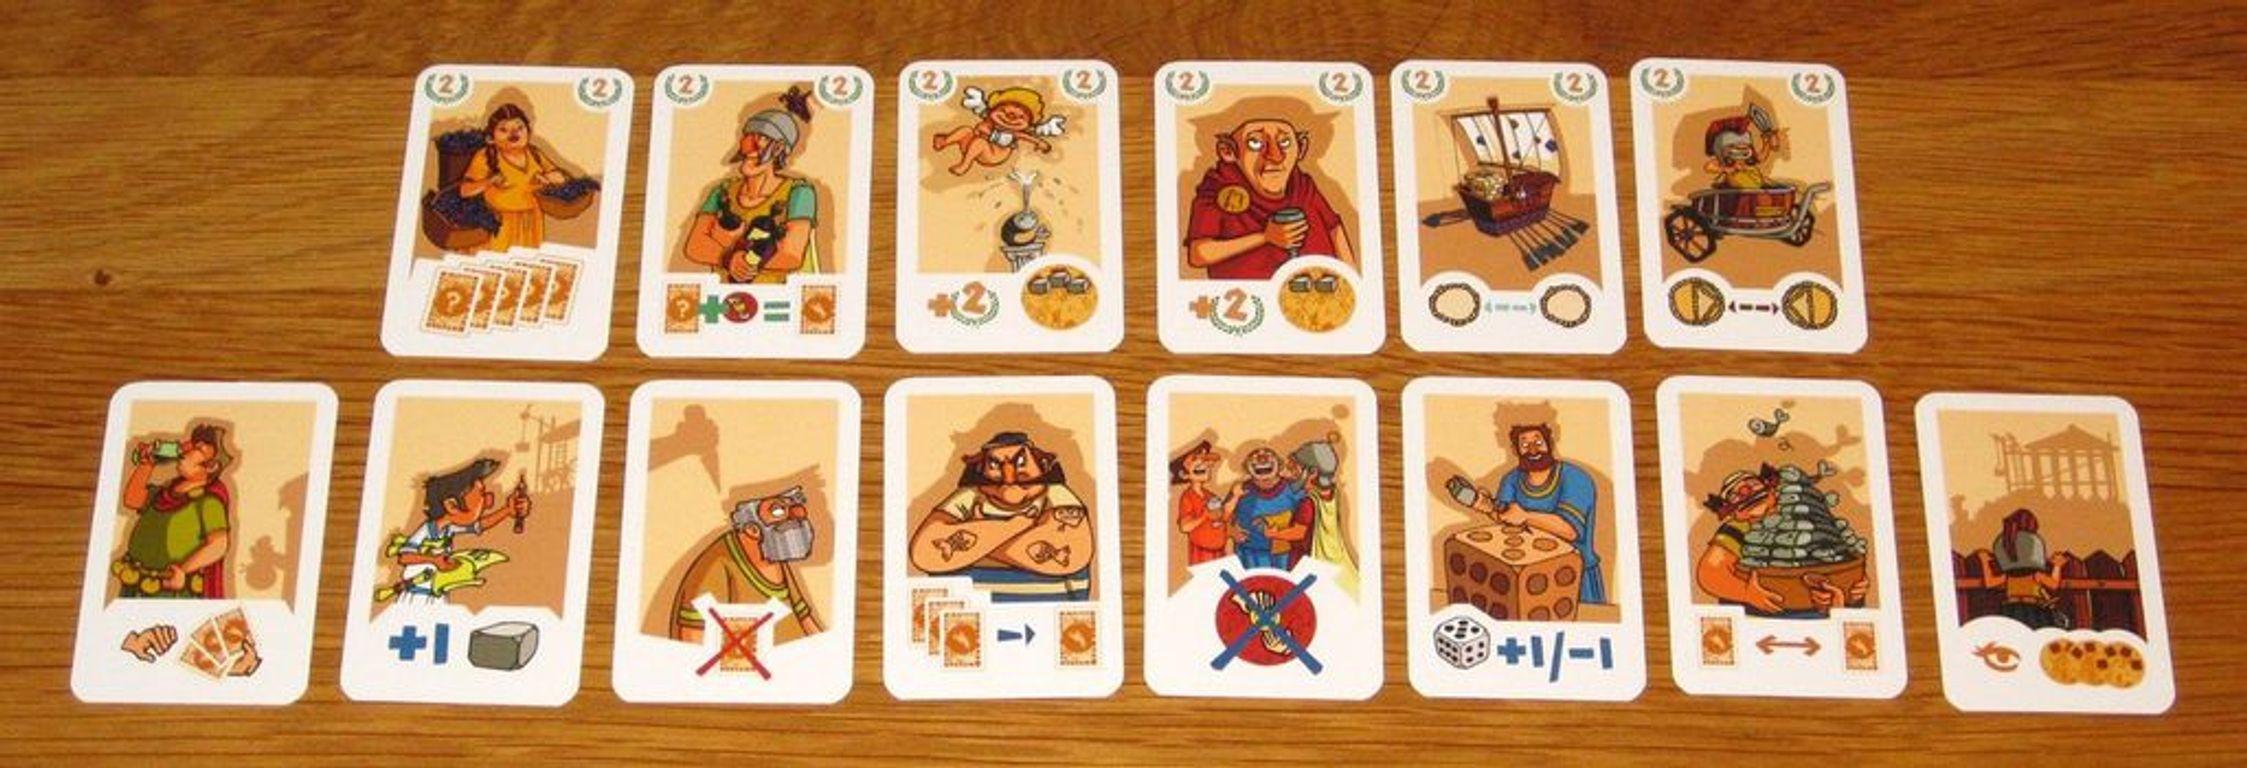 Burdigala cards